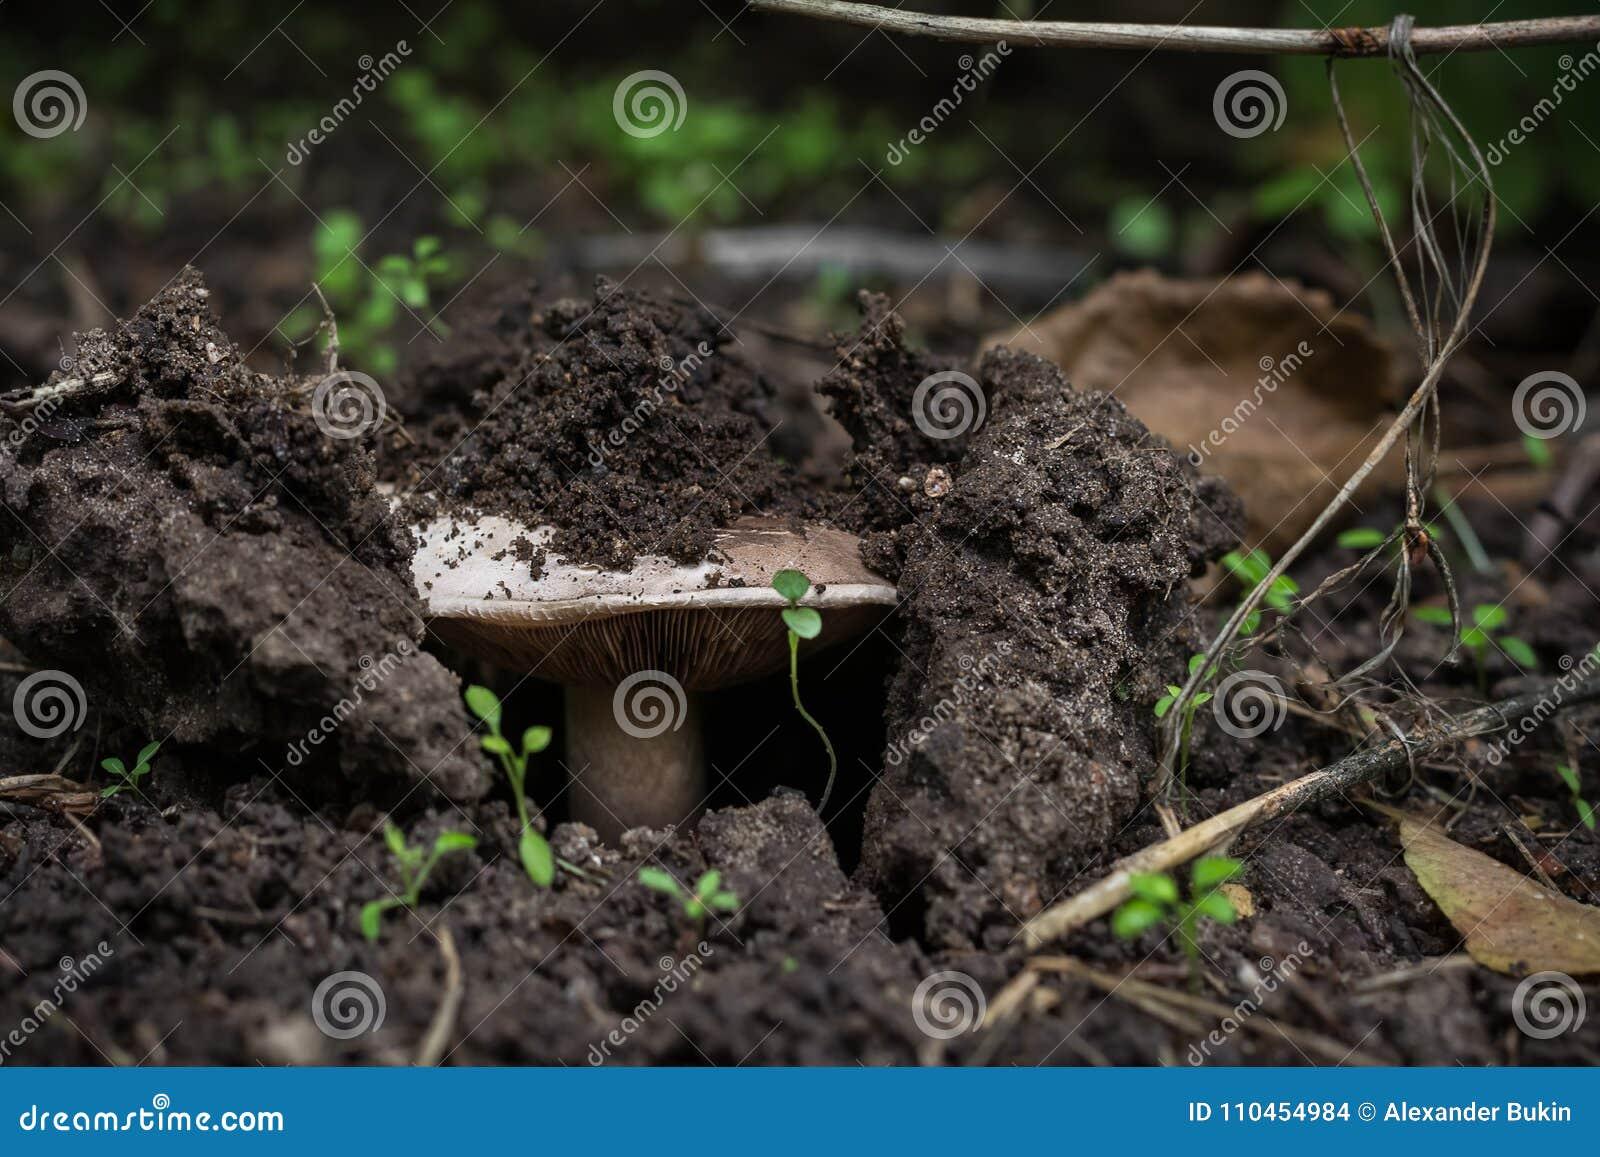 Svampen växer i skogen, det bryter till och med jorden closeup